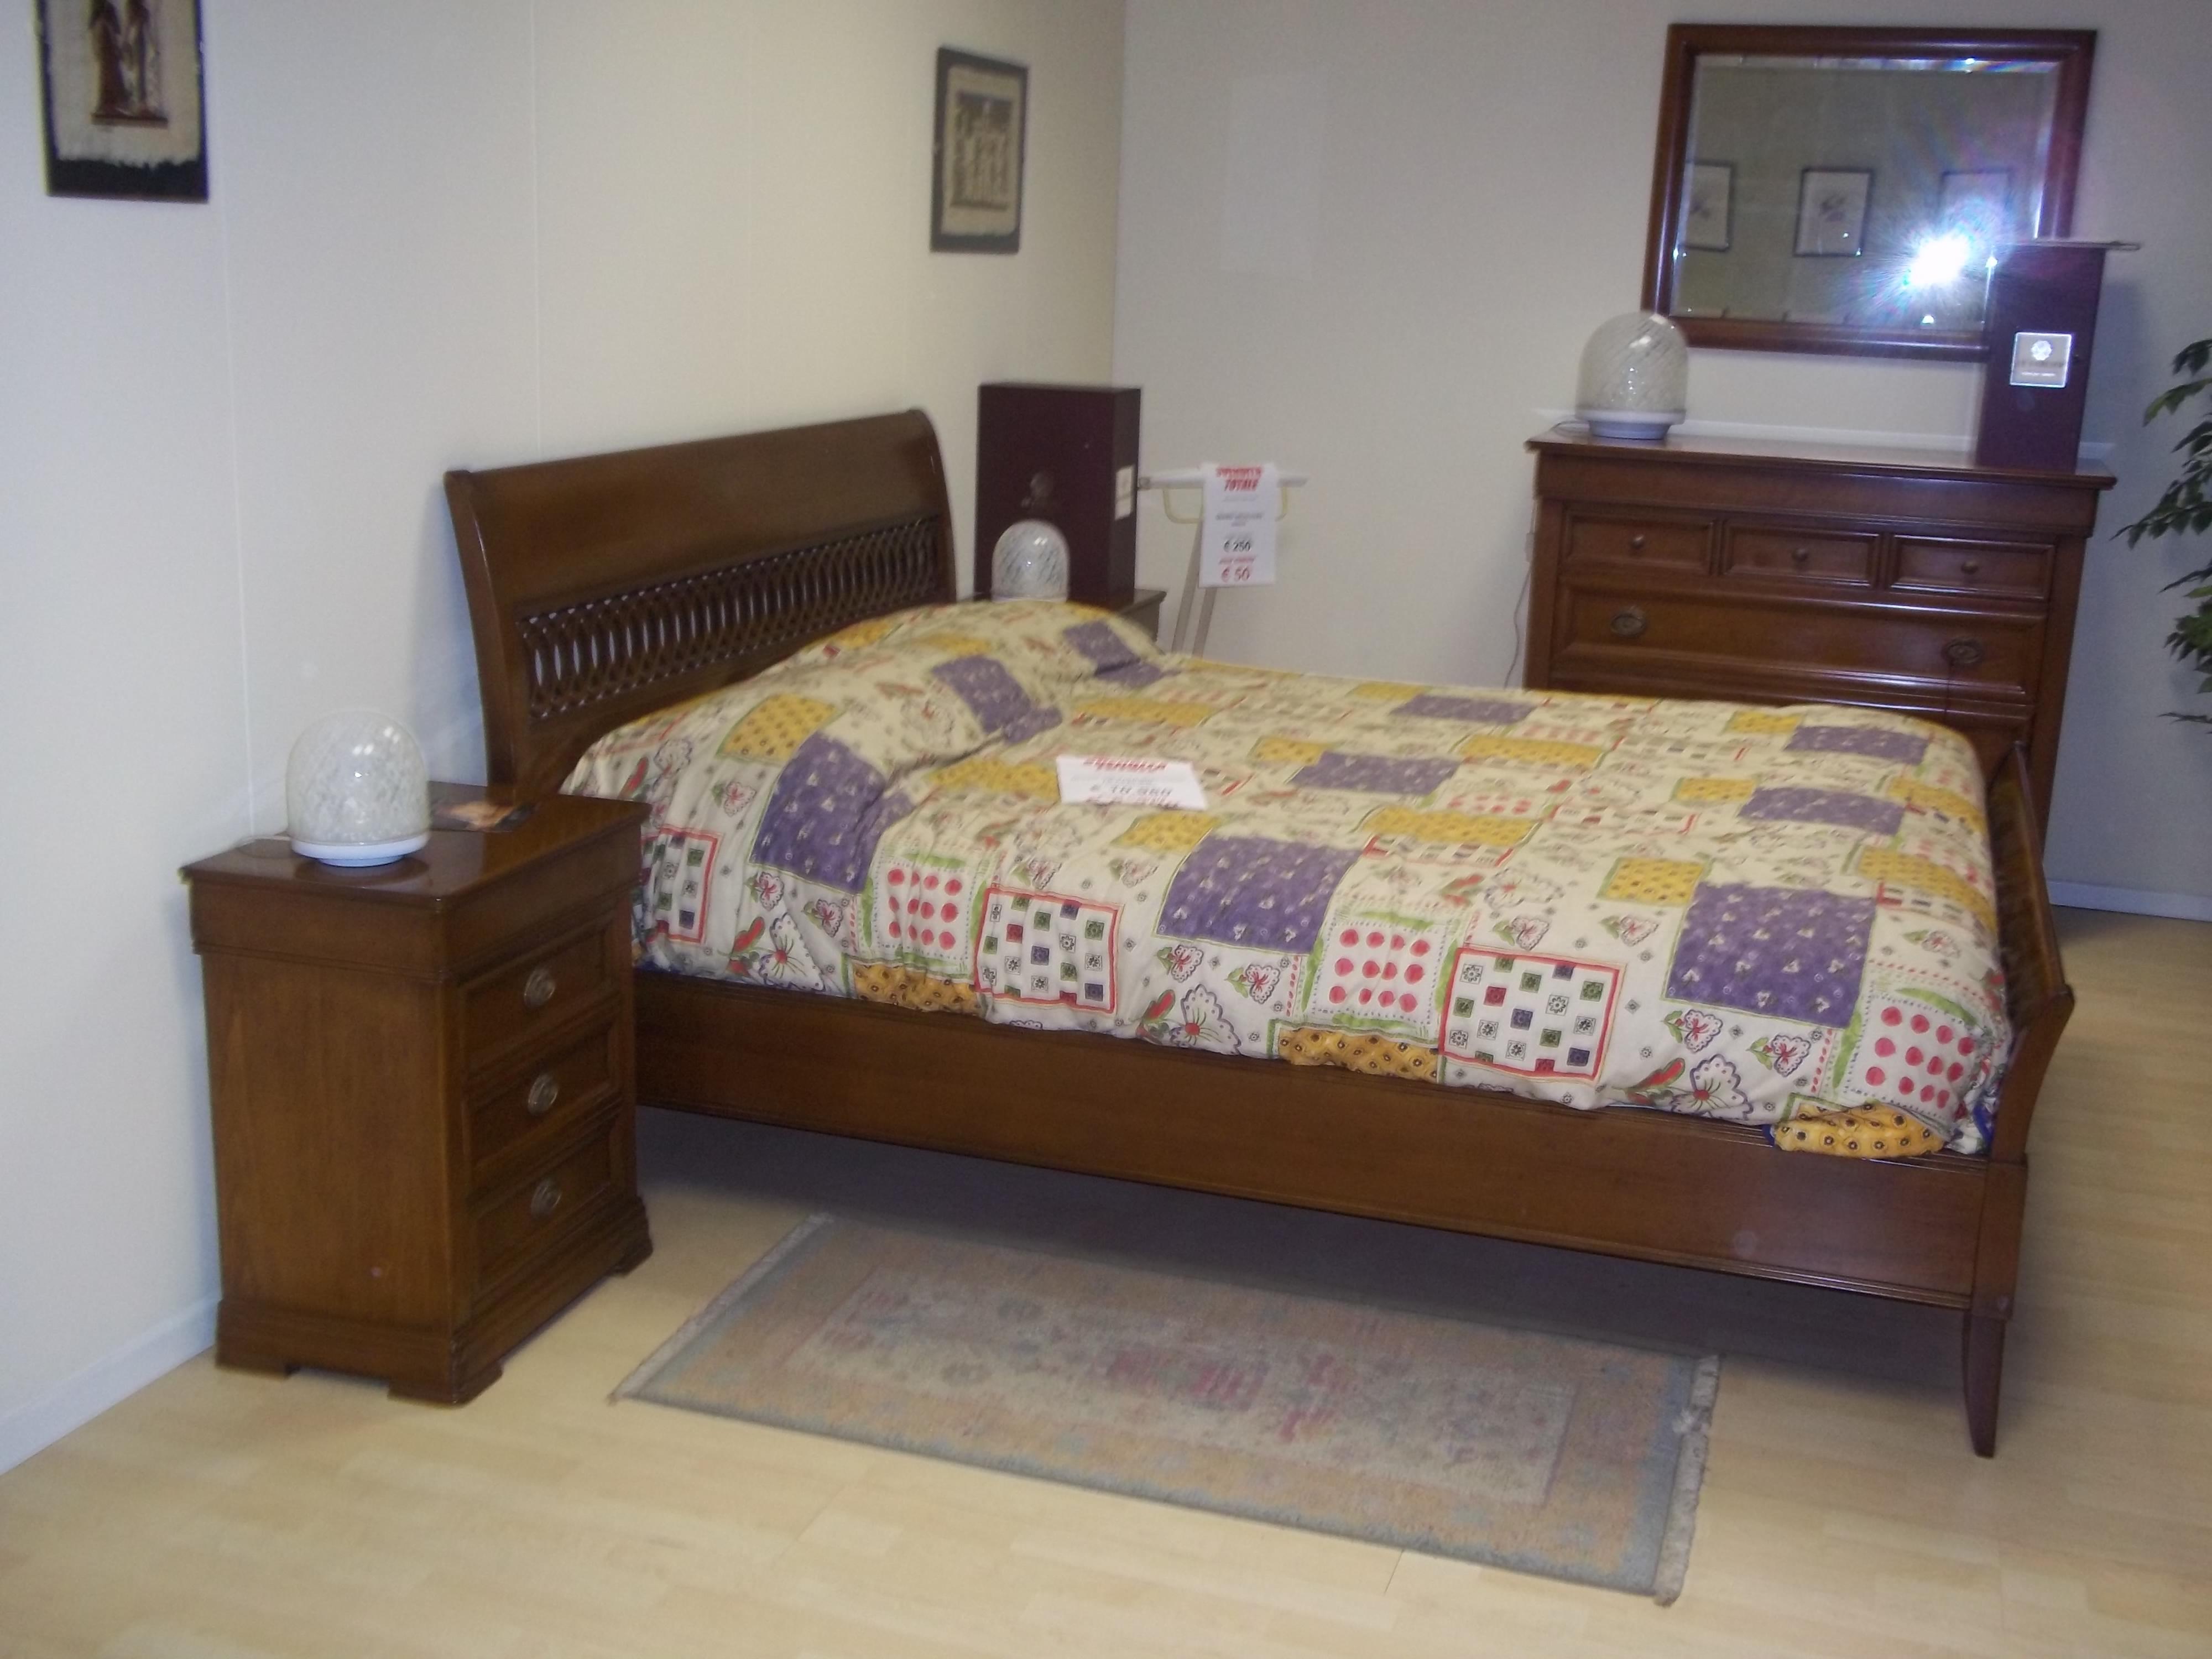 Affordable arredamento stile veneziano moderno arredamento for Arredamento veneziano